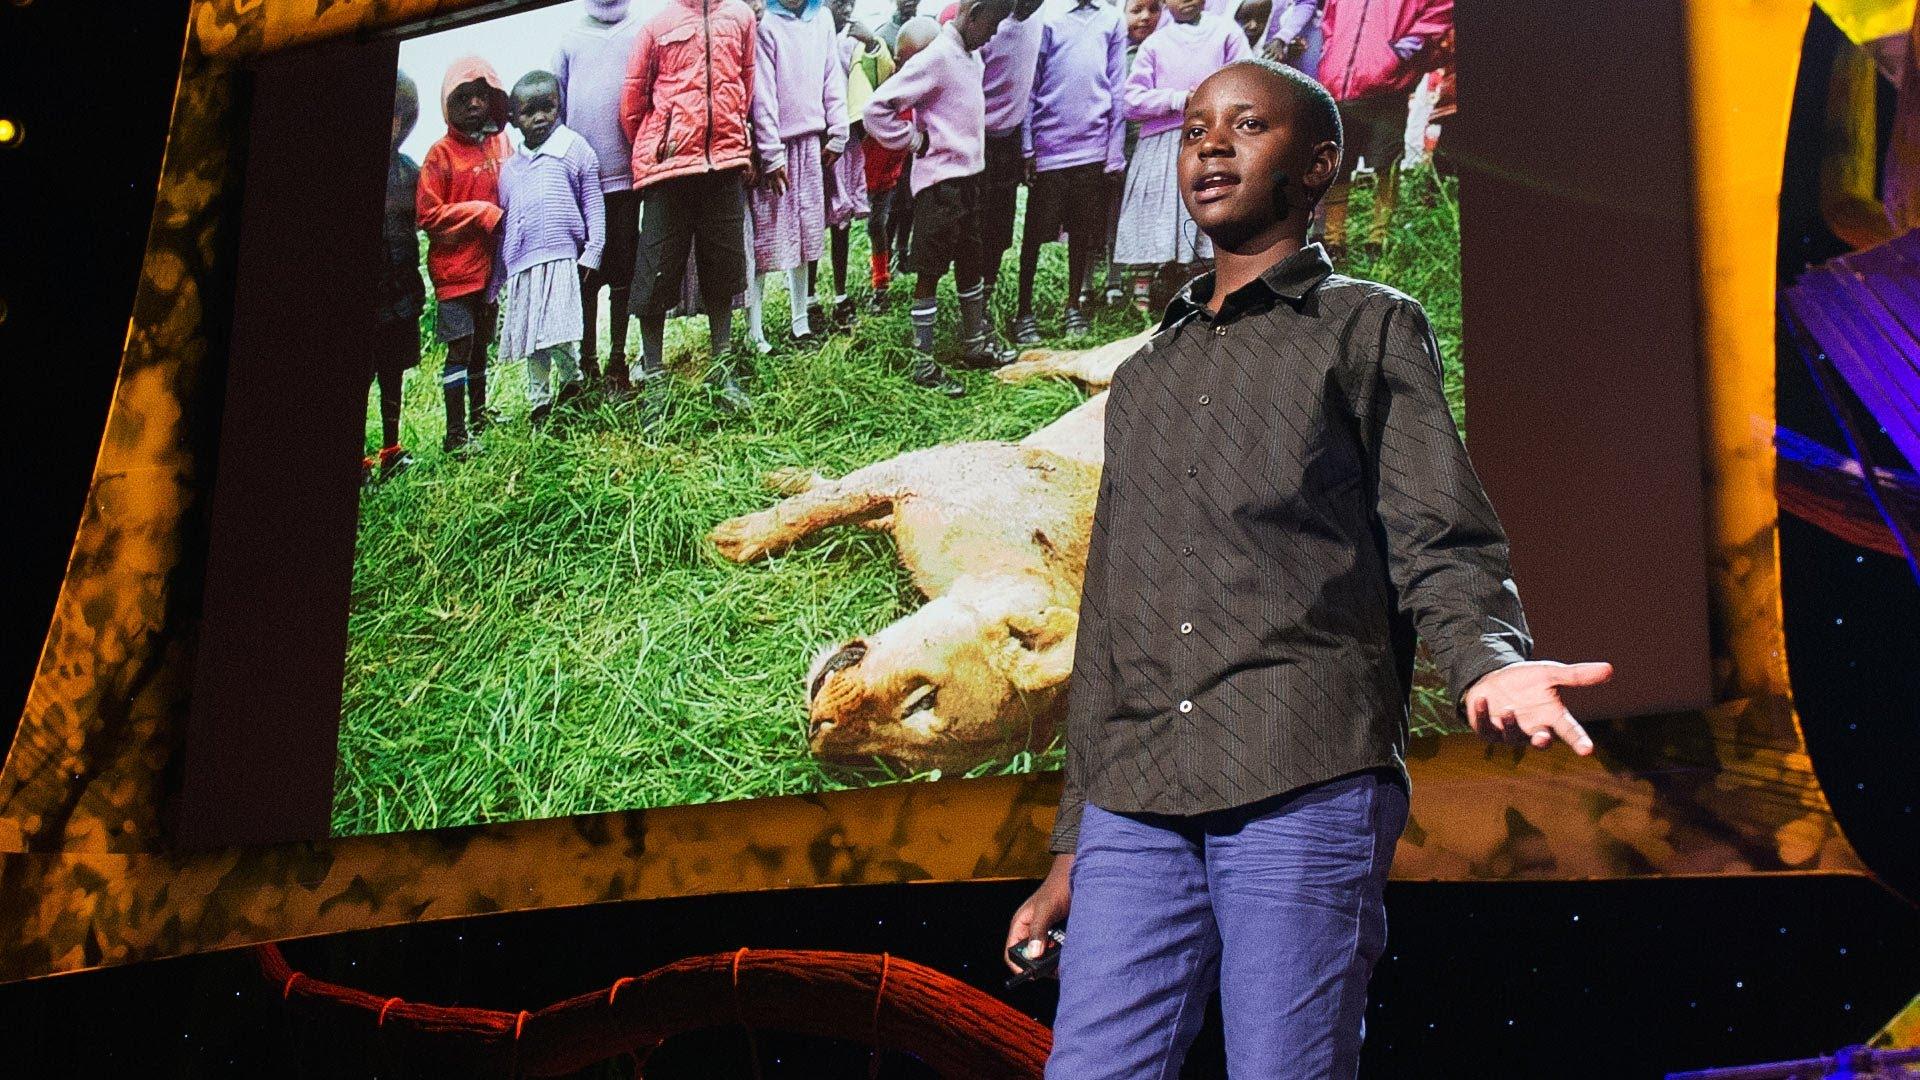 Amazing Young Boy of Kenya: Richard Turere